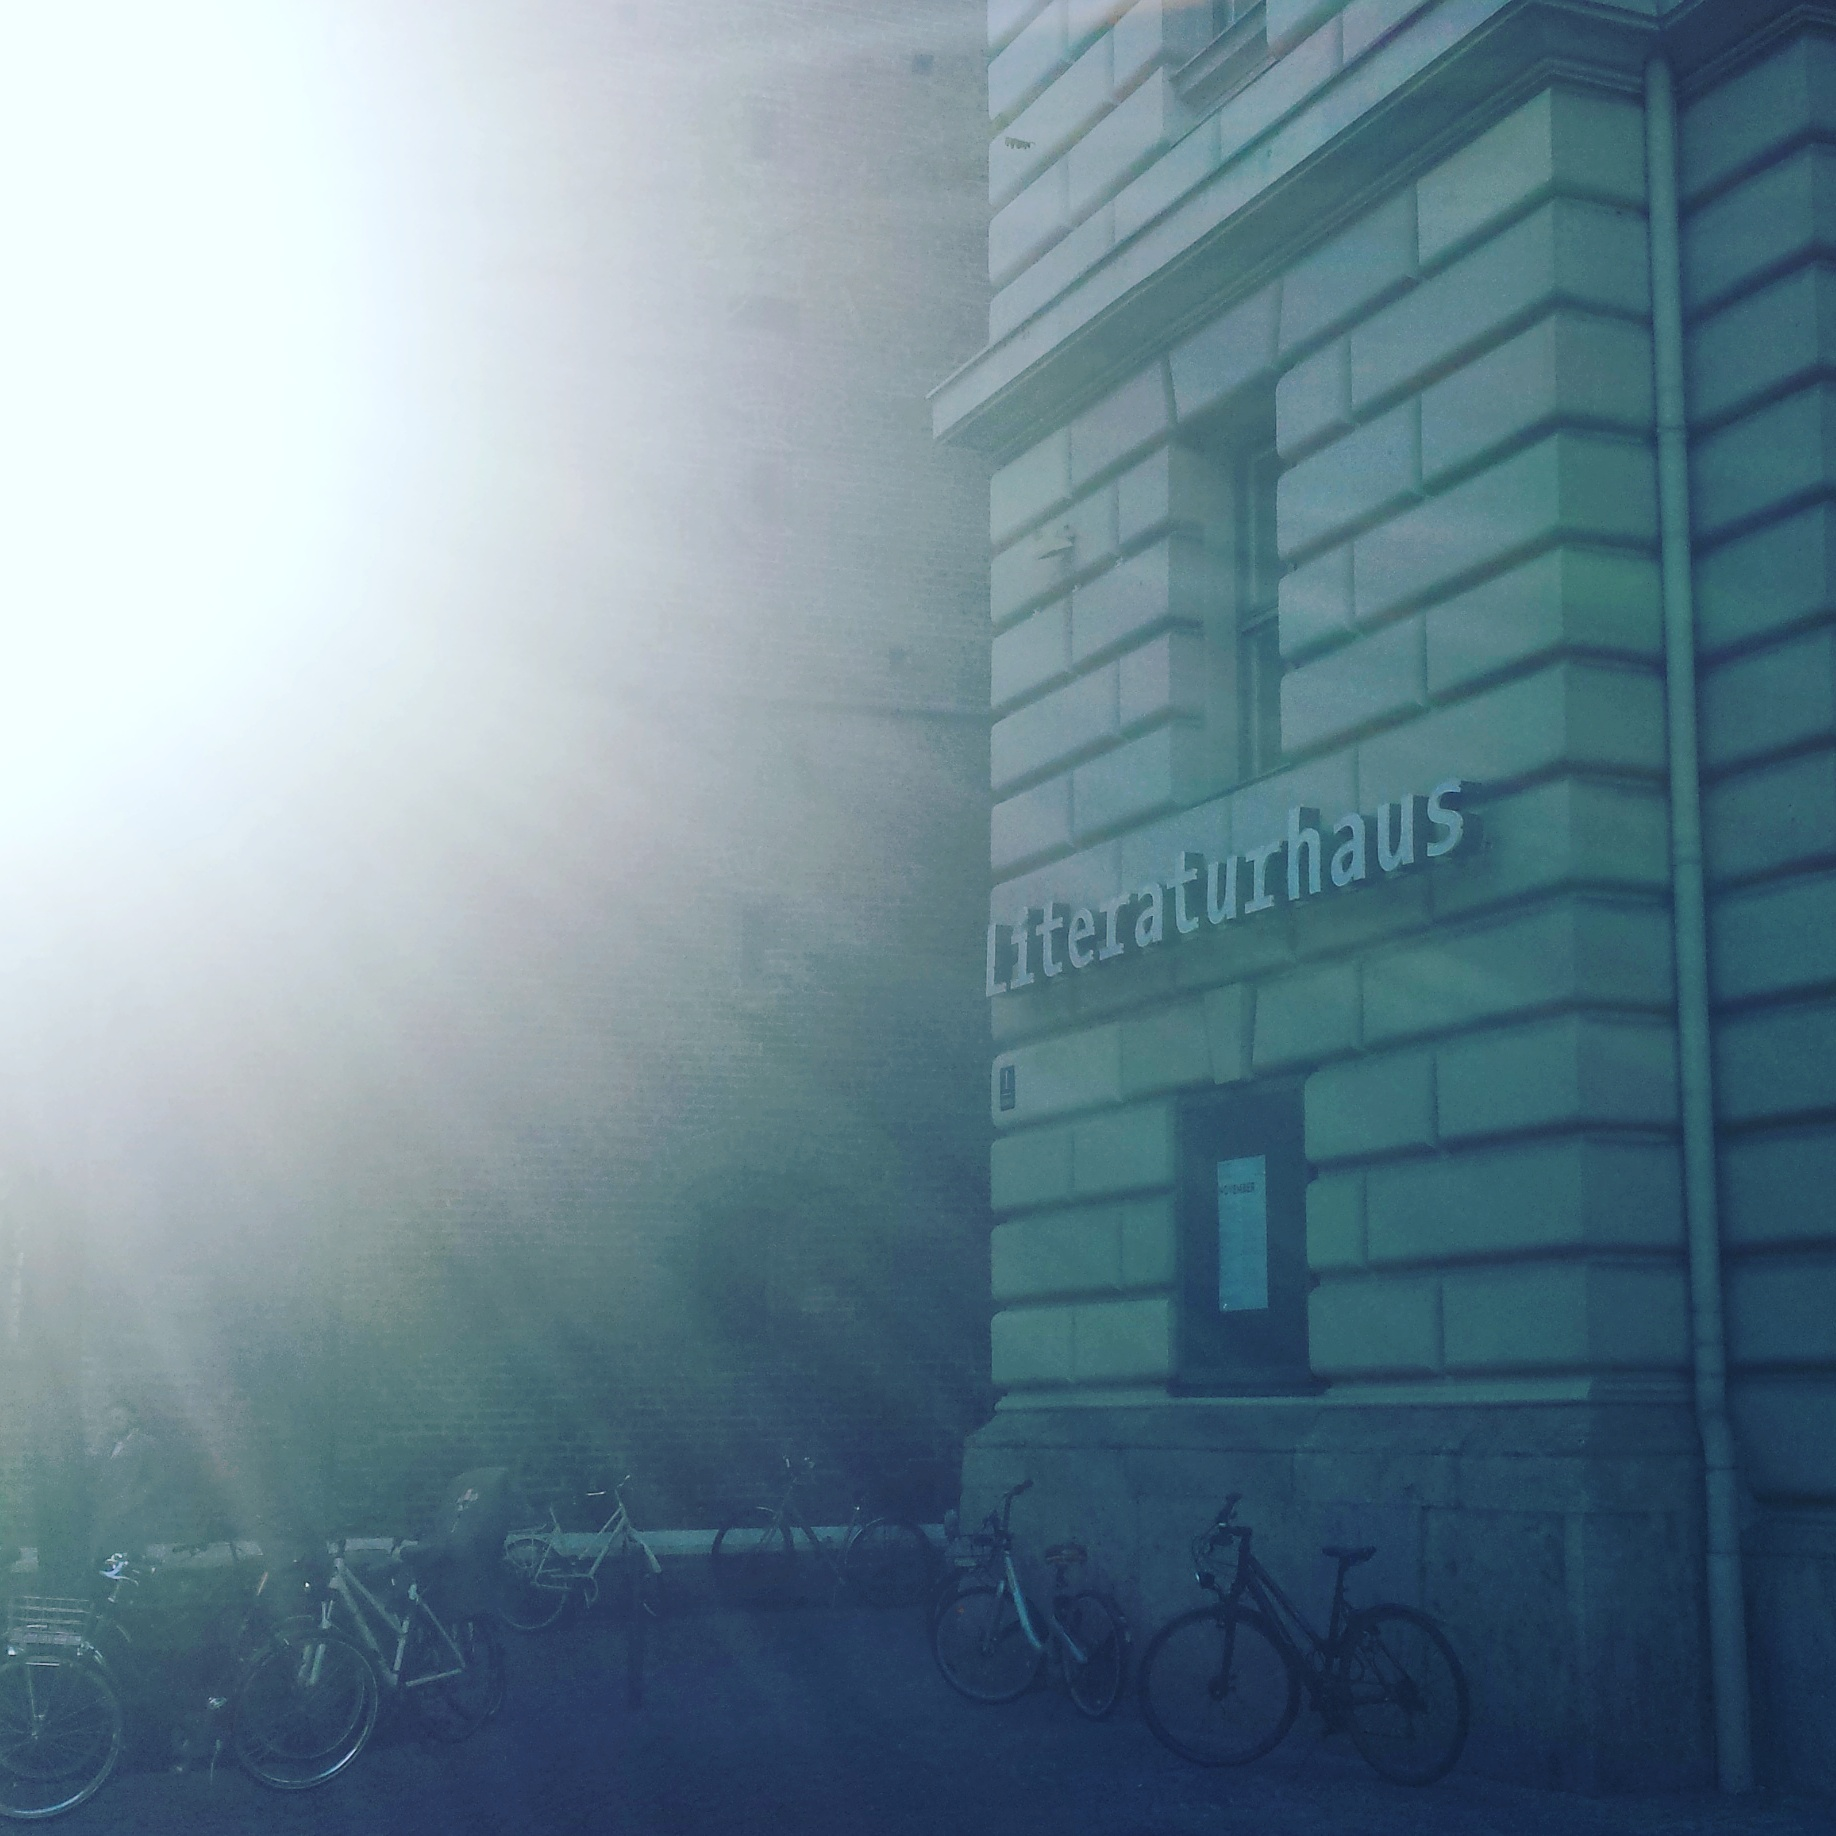 Literaturhaus: Munich 2017